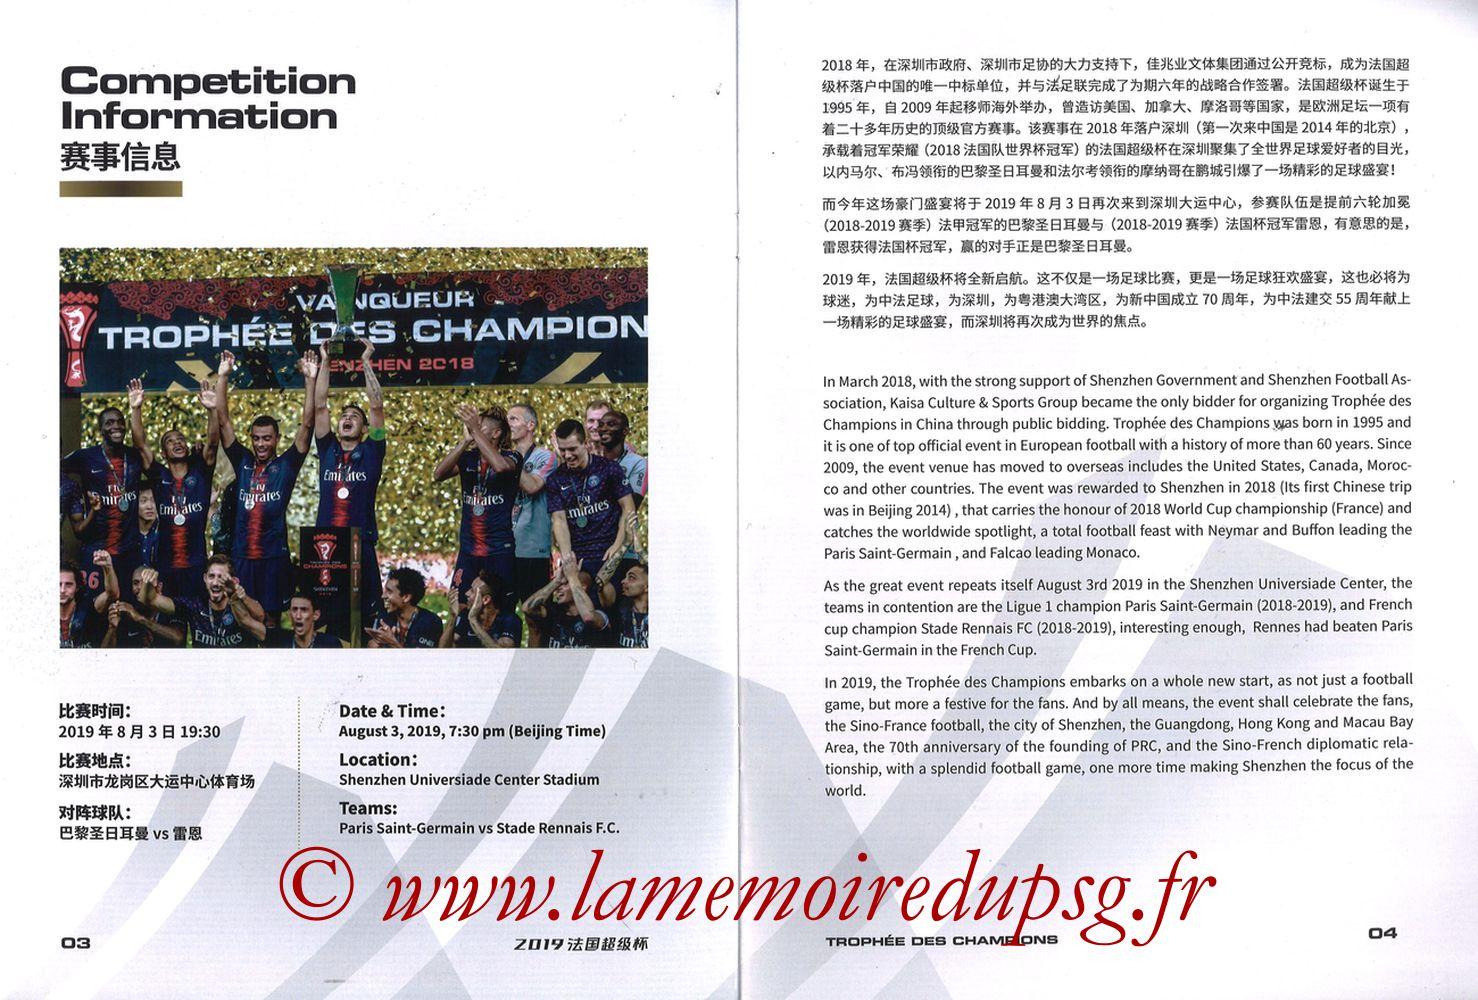 2019-08-03  PSG-Rennes (Trophée des Champions à Shenzhen, Dossier de presse) - Pages 03 et 04